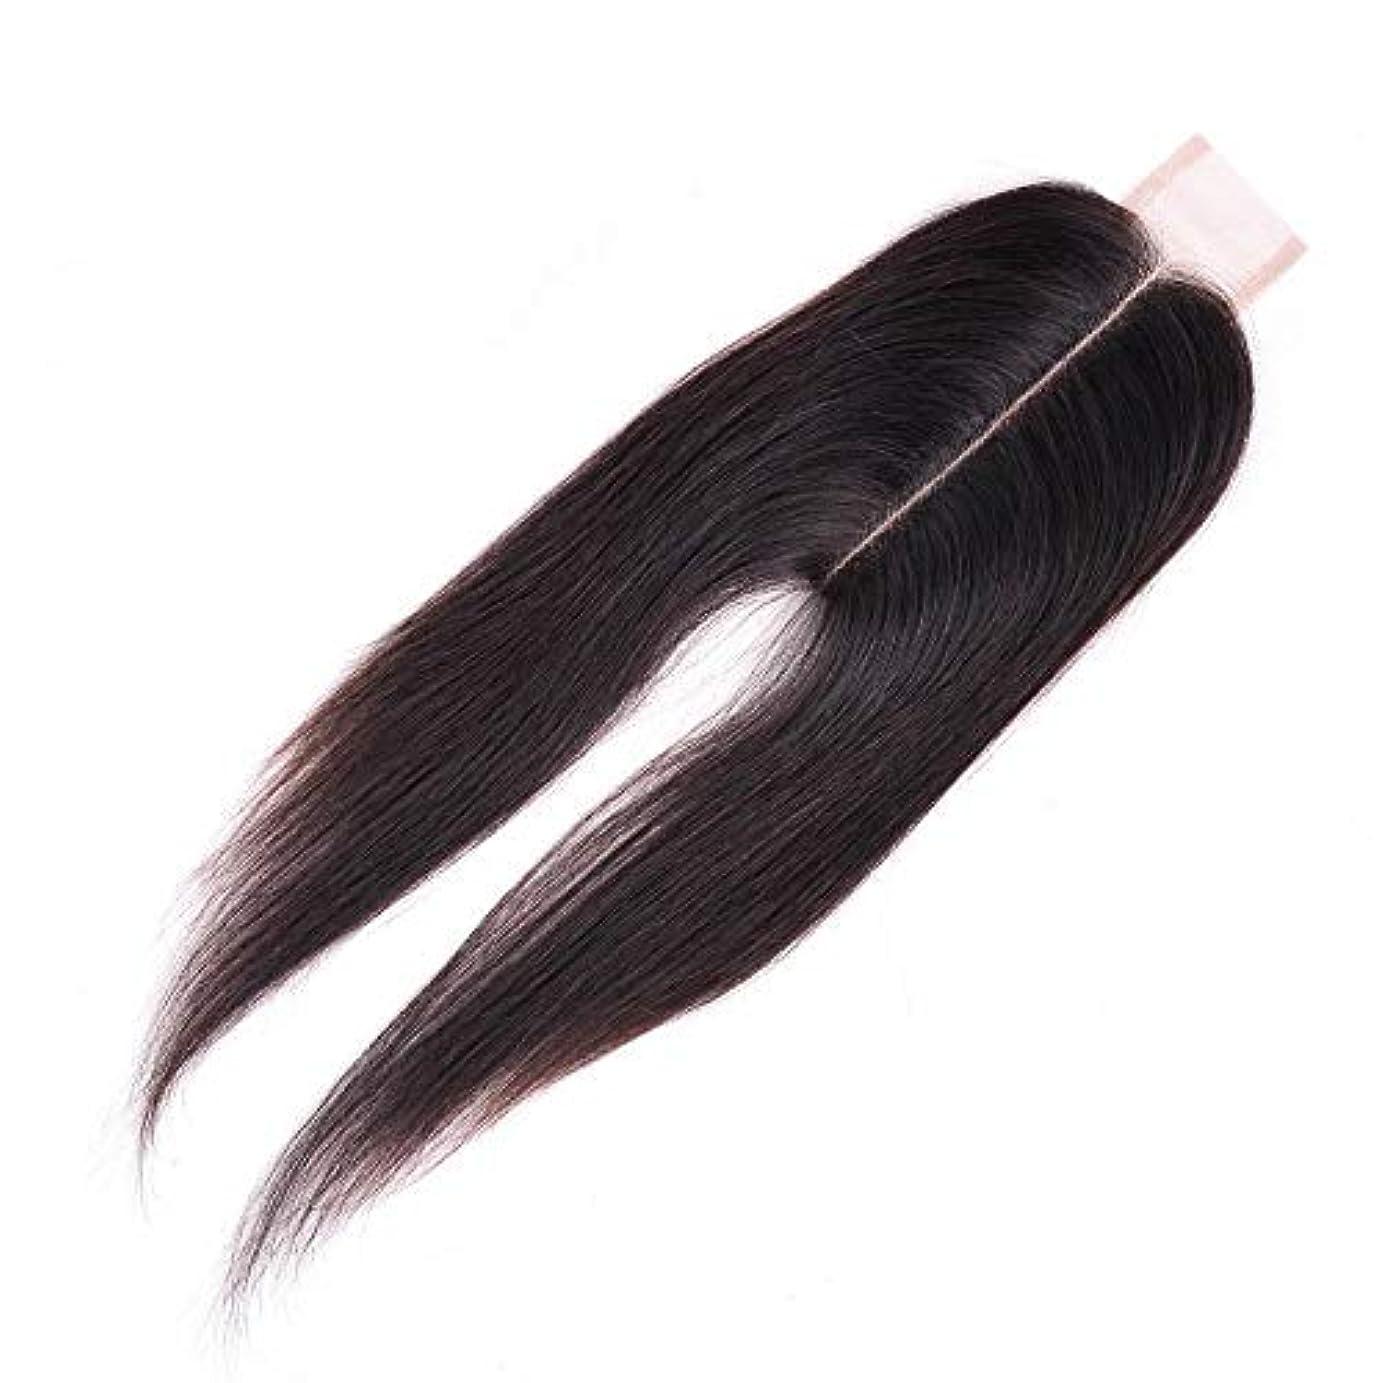 爵面積倫理WASAIO ブラジル人のバージンの人間の毛髪の中間の部分のまっすぐなレースの閉鎖 (色 : 黒, サイズ : 14 inch)